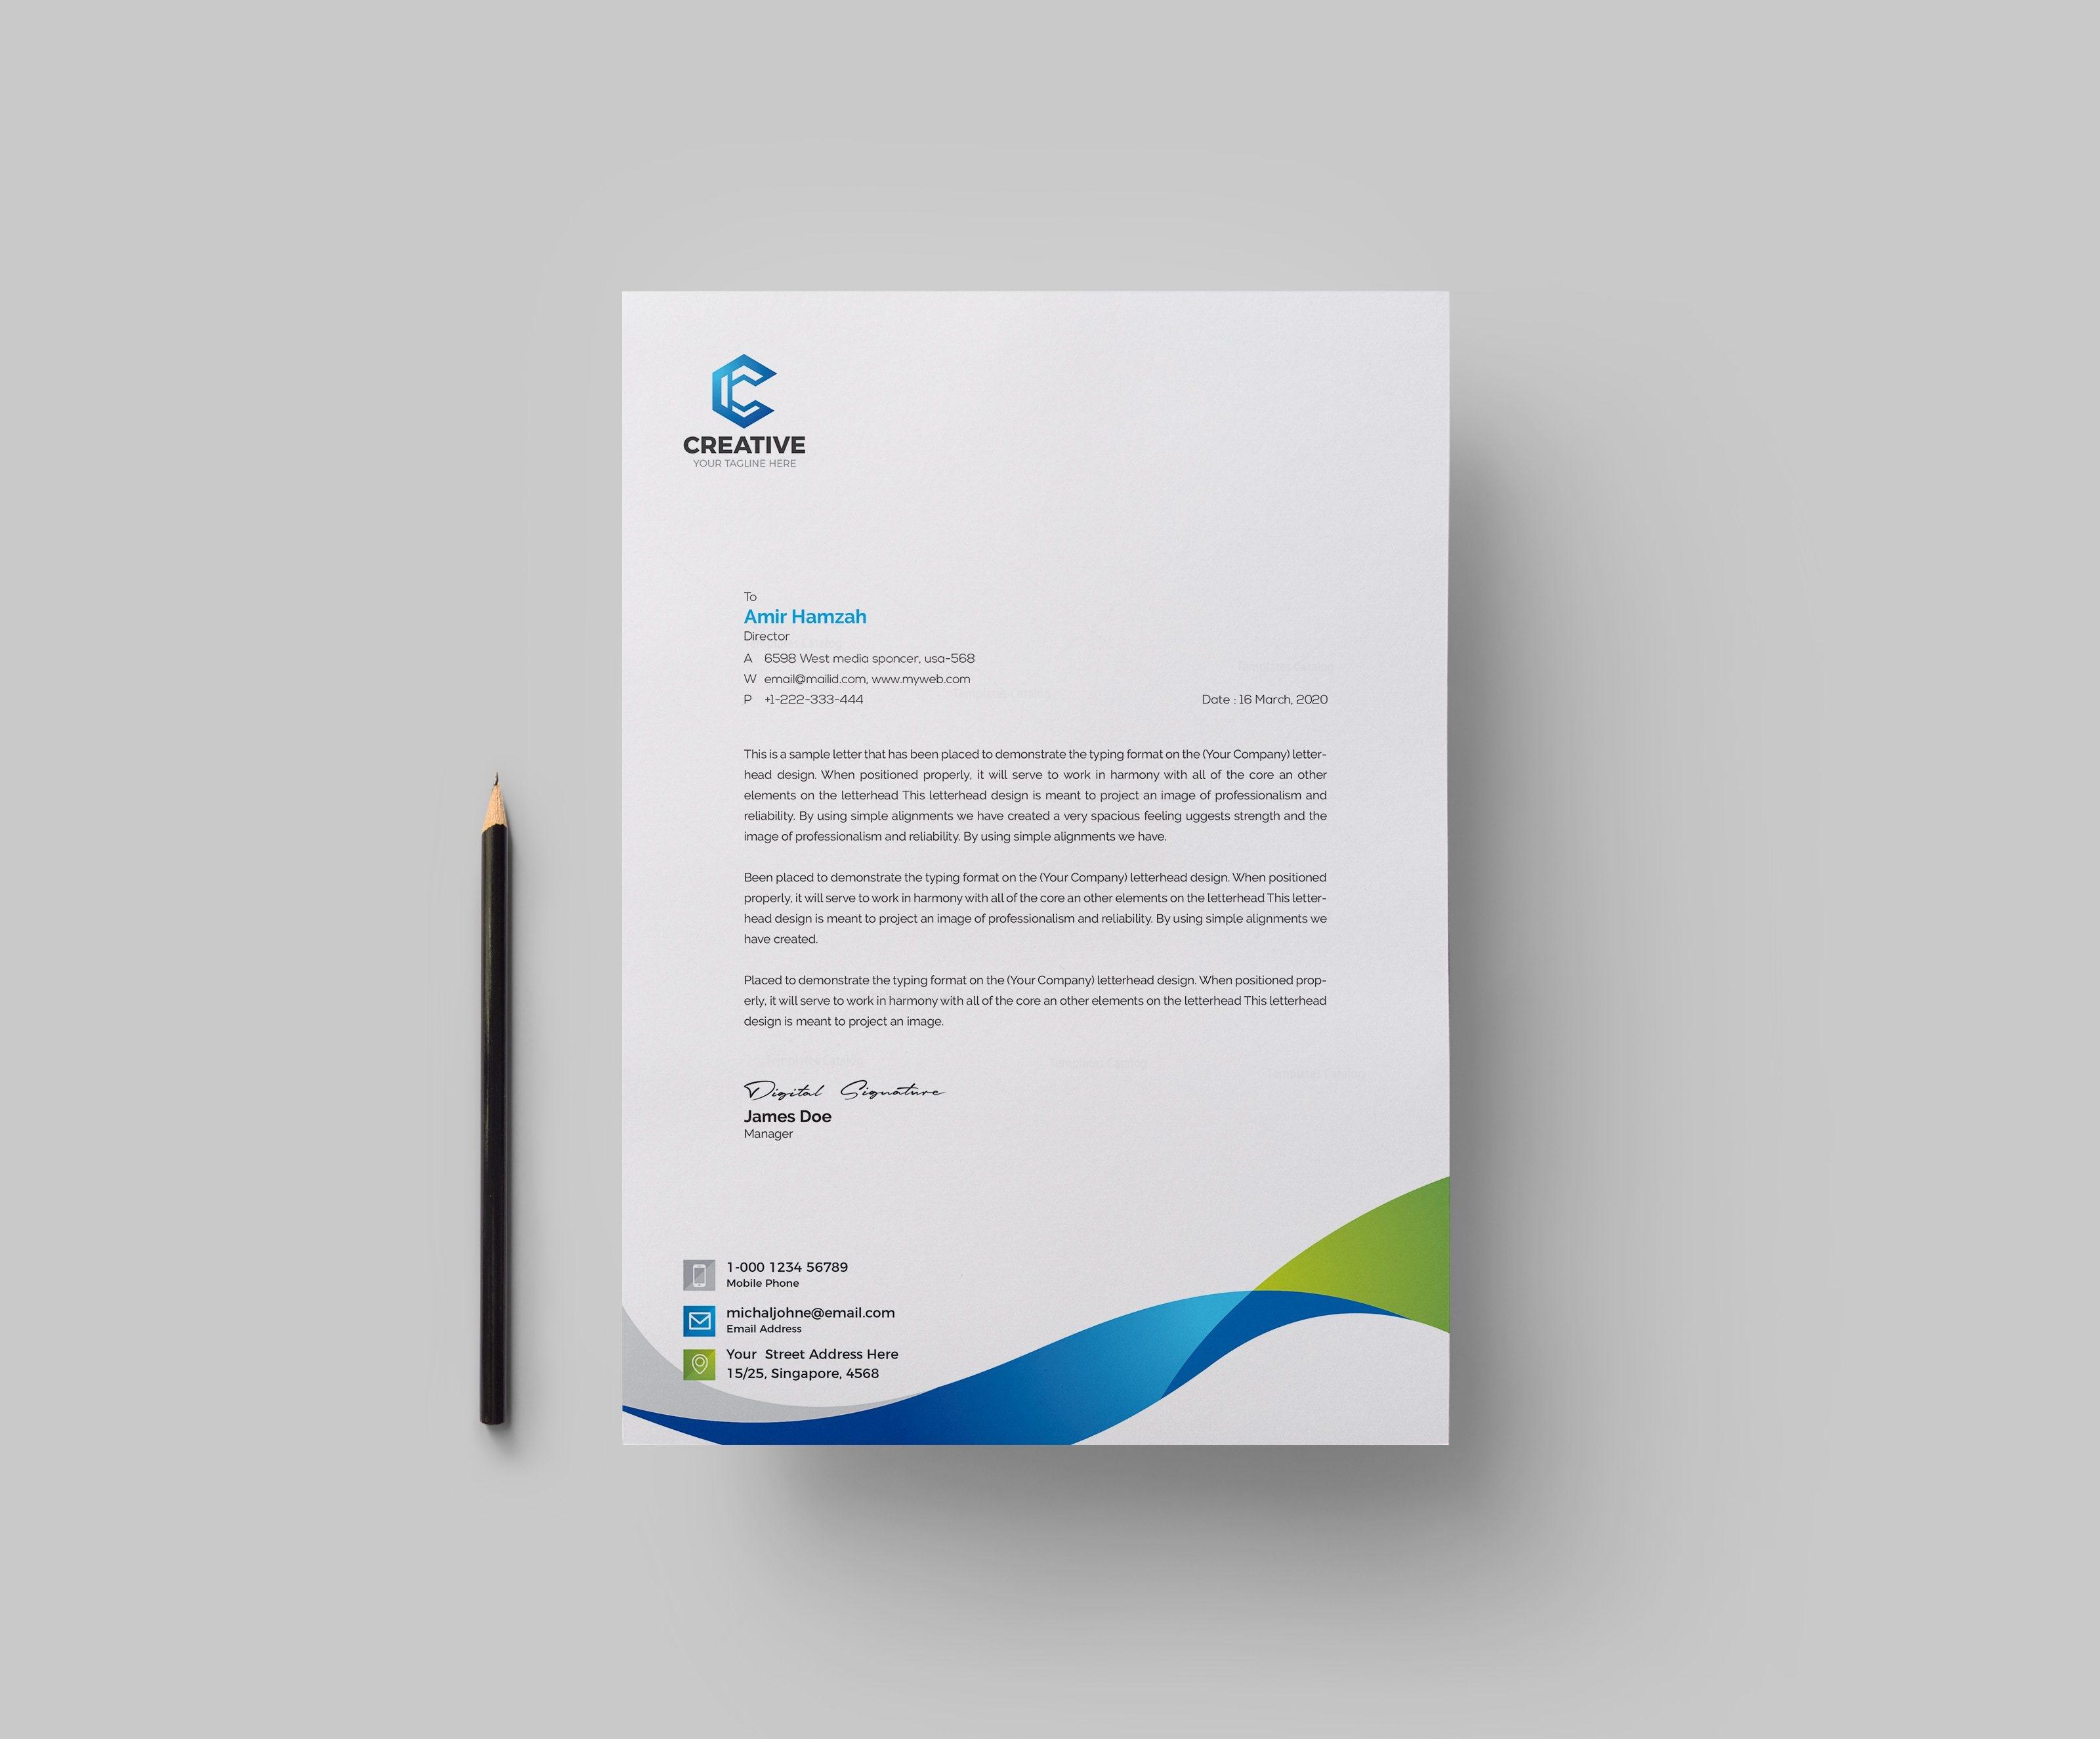 Creative Corporate Letterhead Design Template 1